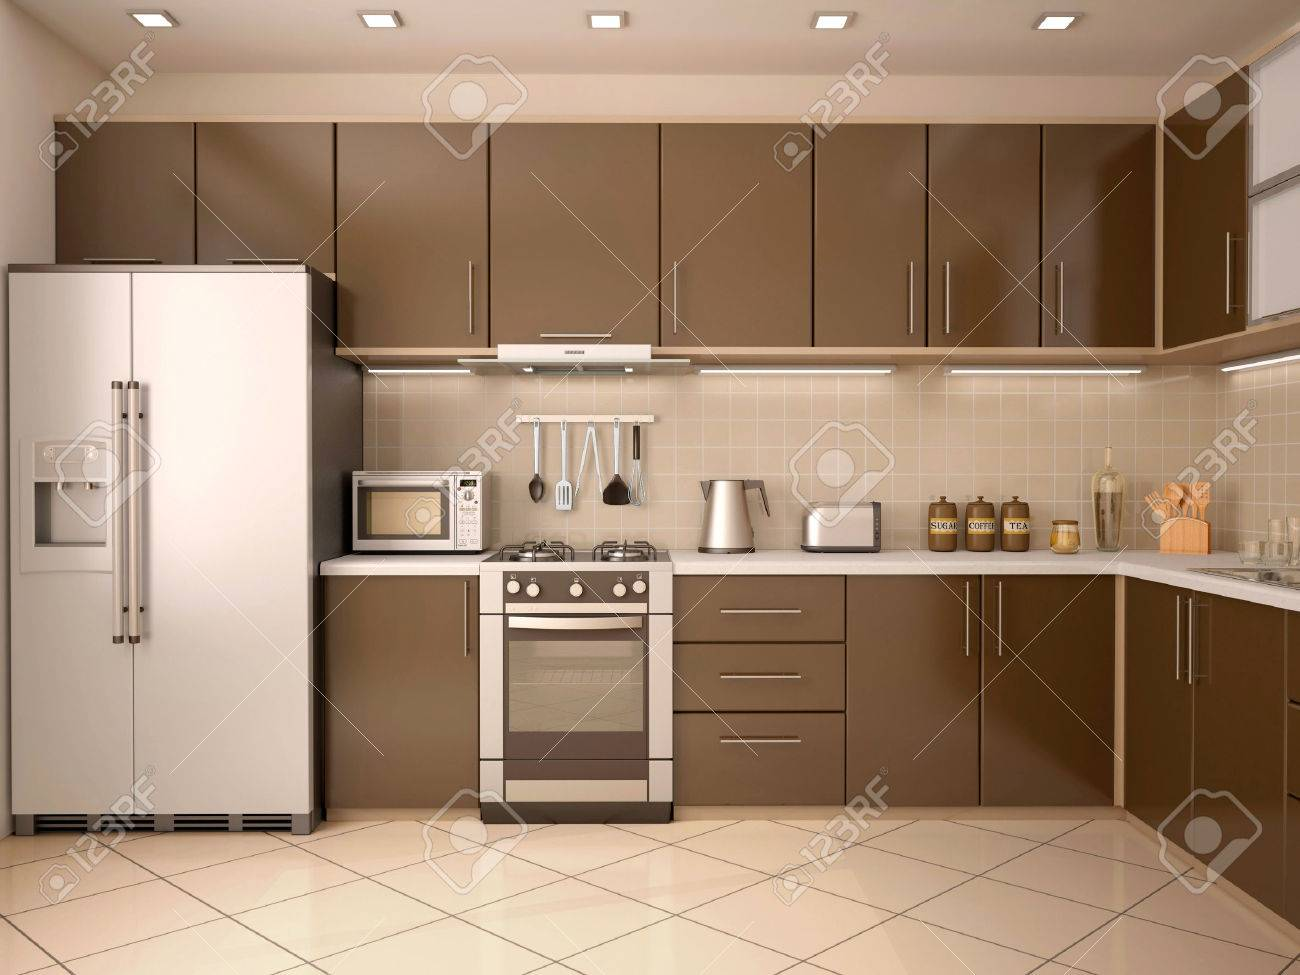 3D Illustration De La Cuisine Moderne Intérieur De Style Banque Du0027images    43230062